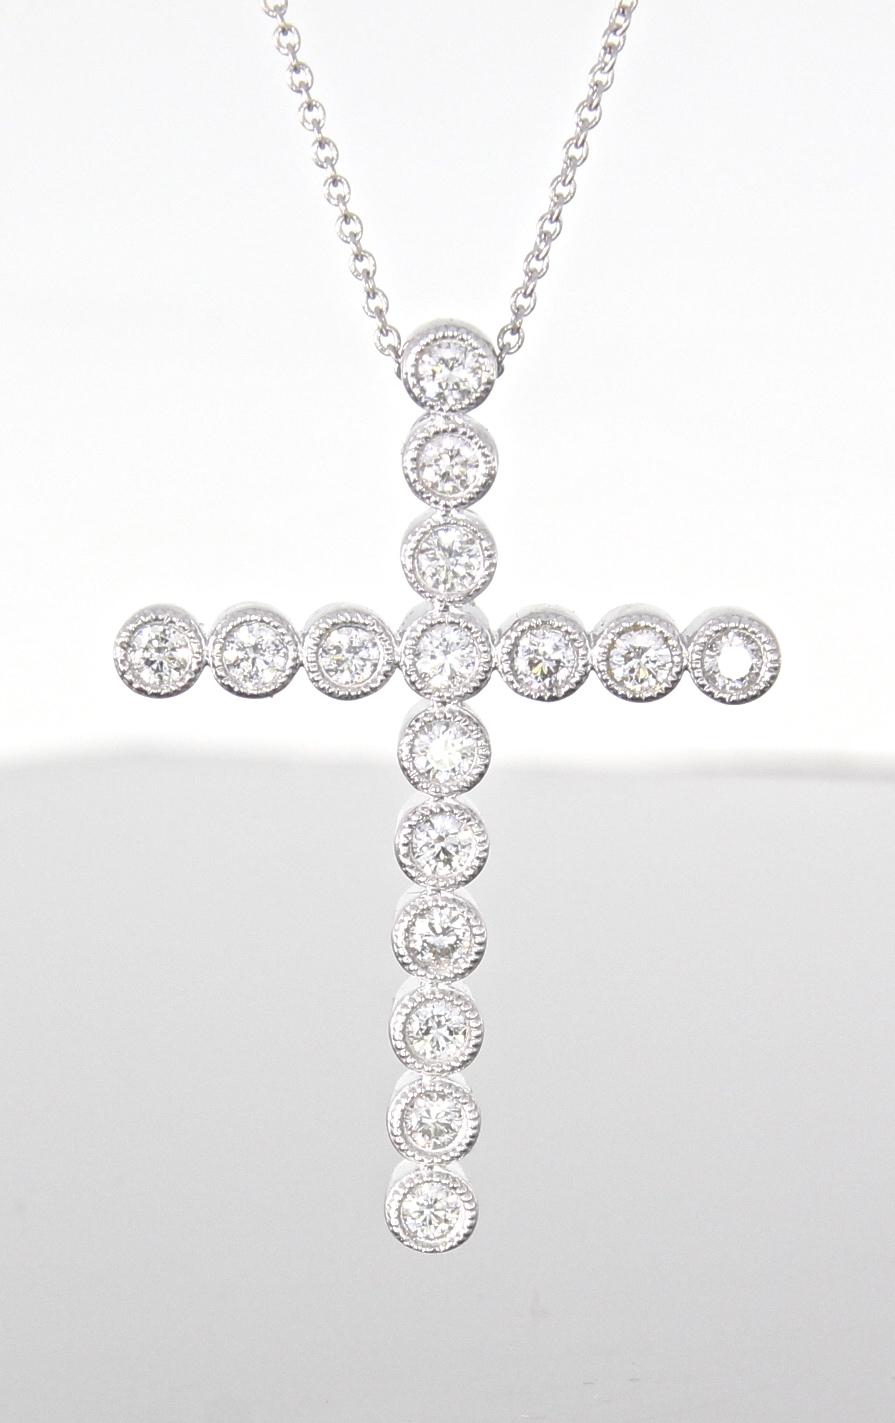 unique-diamond-cross-pendant-white-gold-craft-revival-jewelry-store-grand-rapids